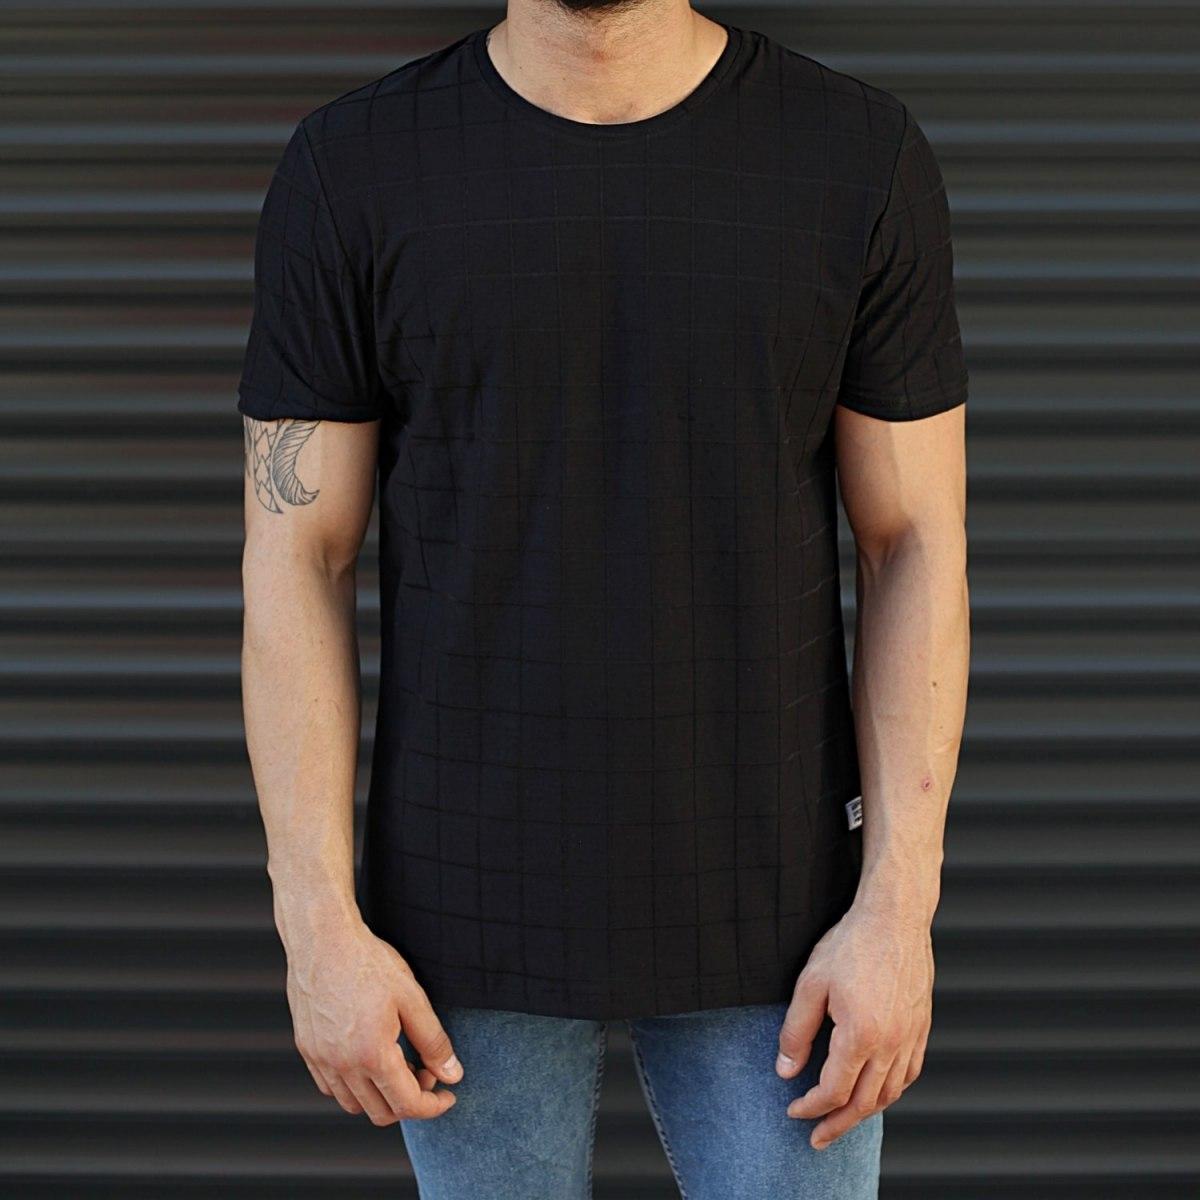 Men's Longline Muscle Fit T-Shirt In Black